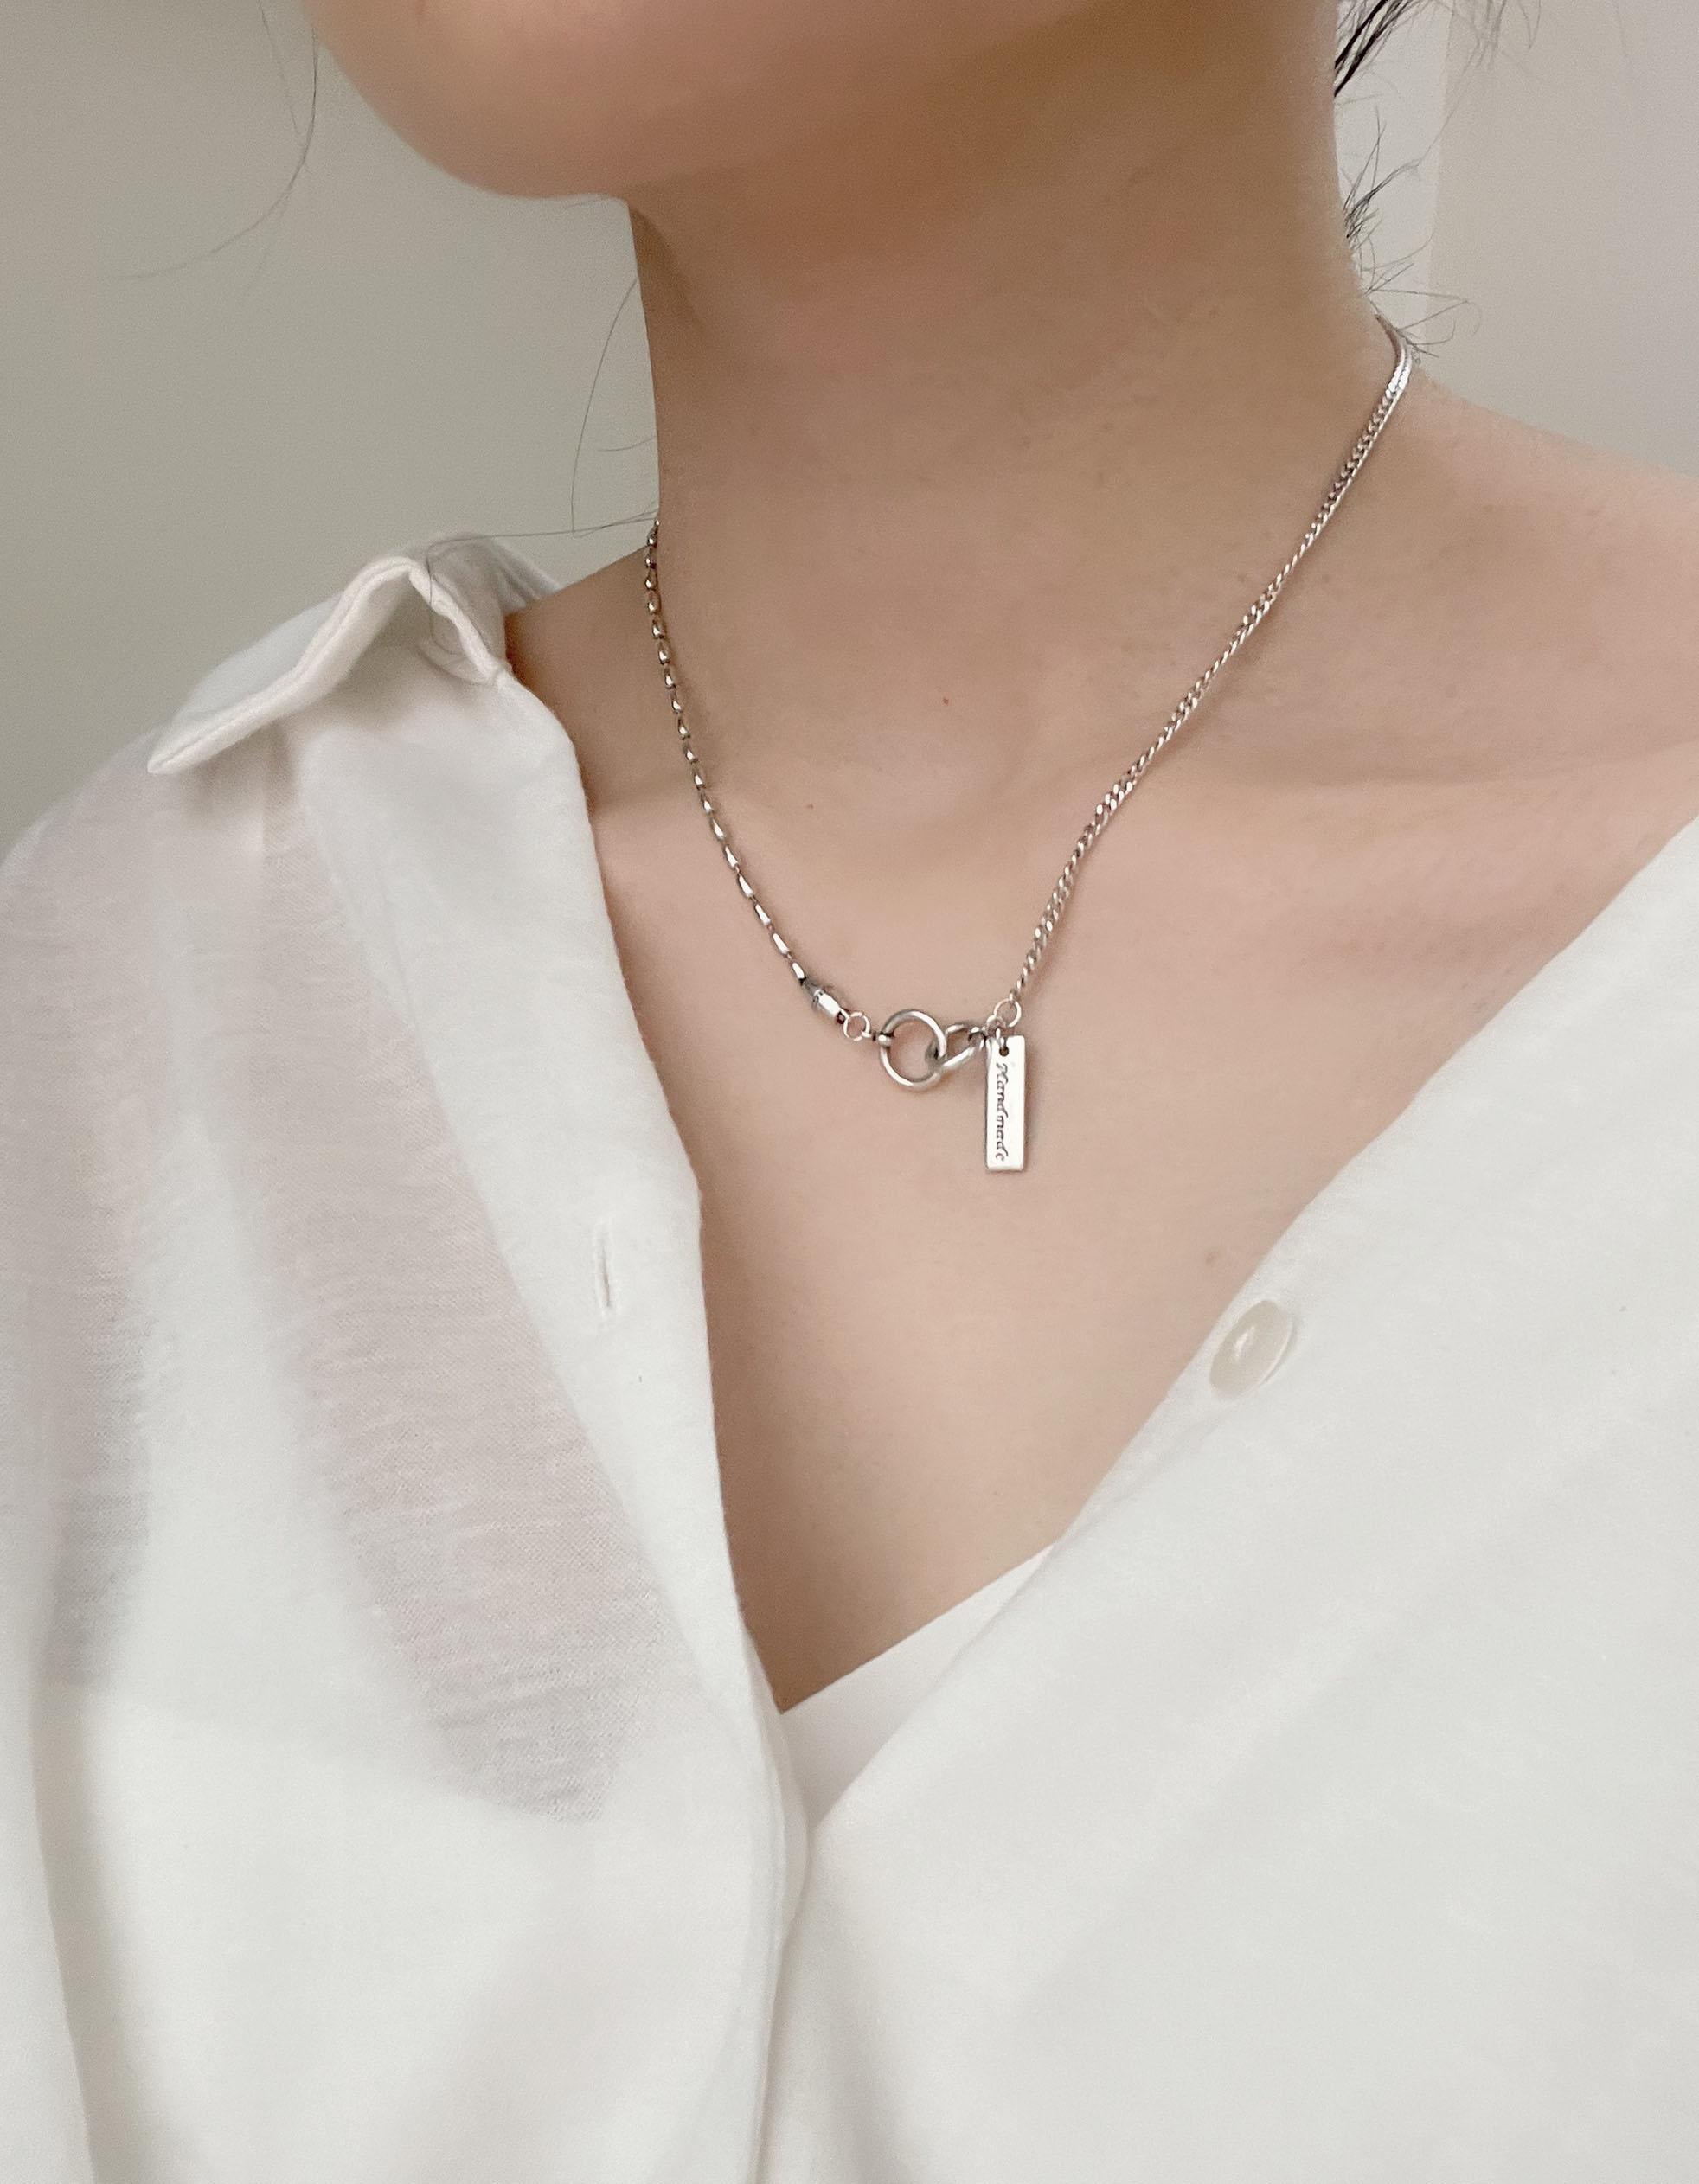 頸鍊|短 - 簡約拼接鍊條項鍊 - 飾品調色盤 | 迪希雅 deesir